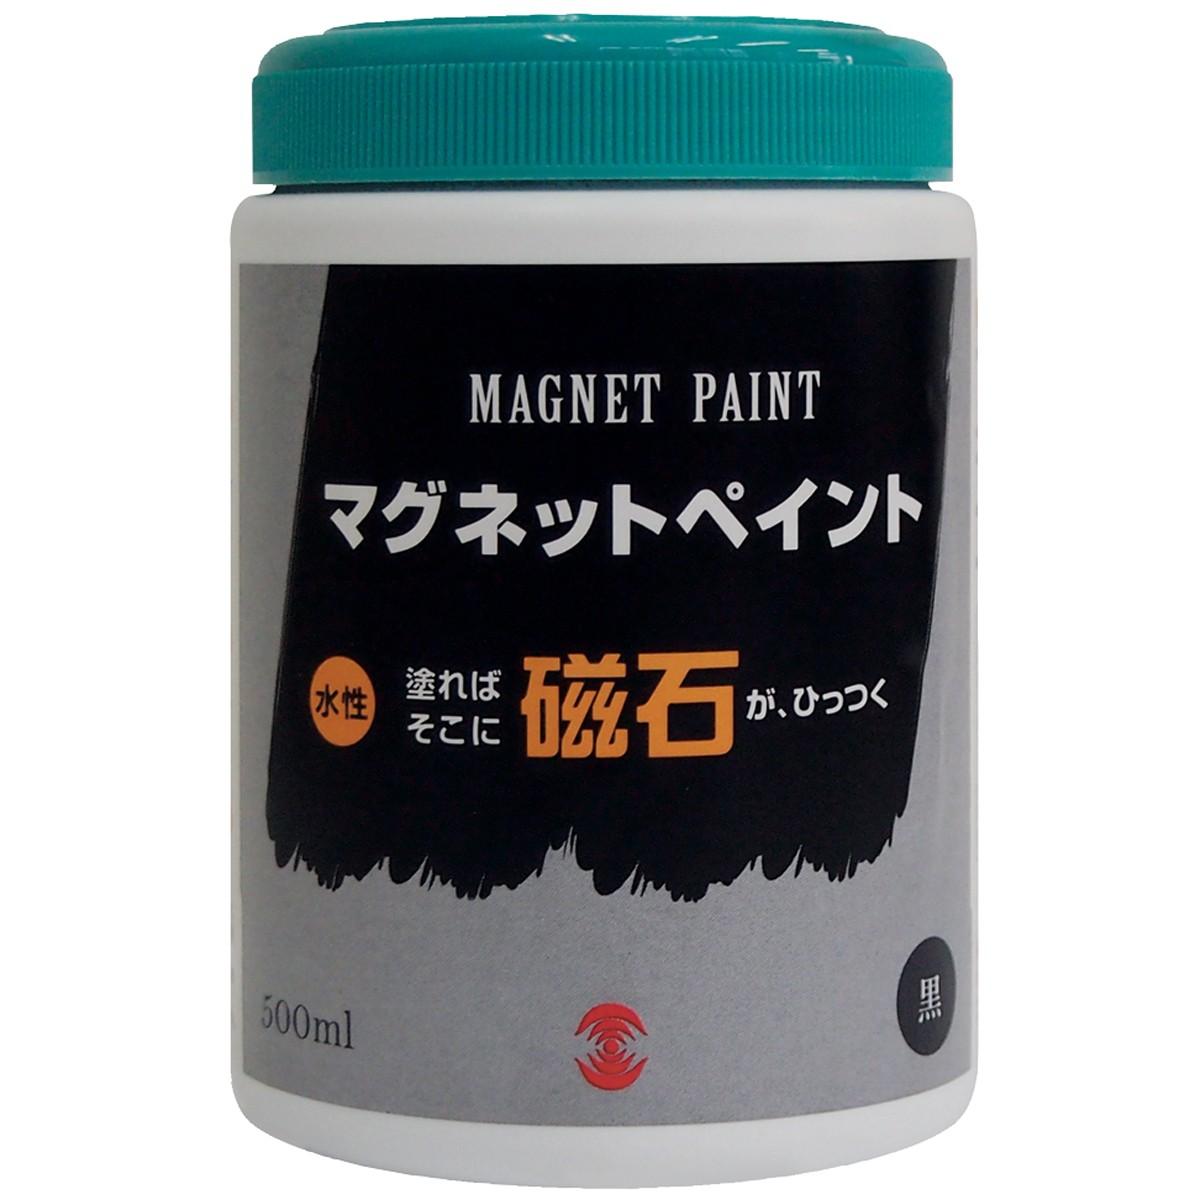 ターナー マグネットペイント 500mL 【 夏休み DIY 塗装 下地 】